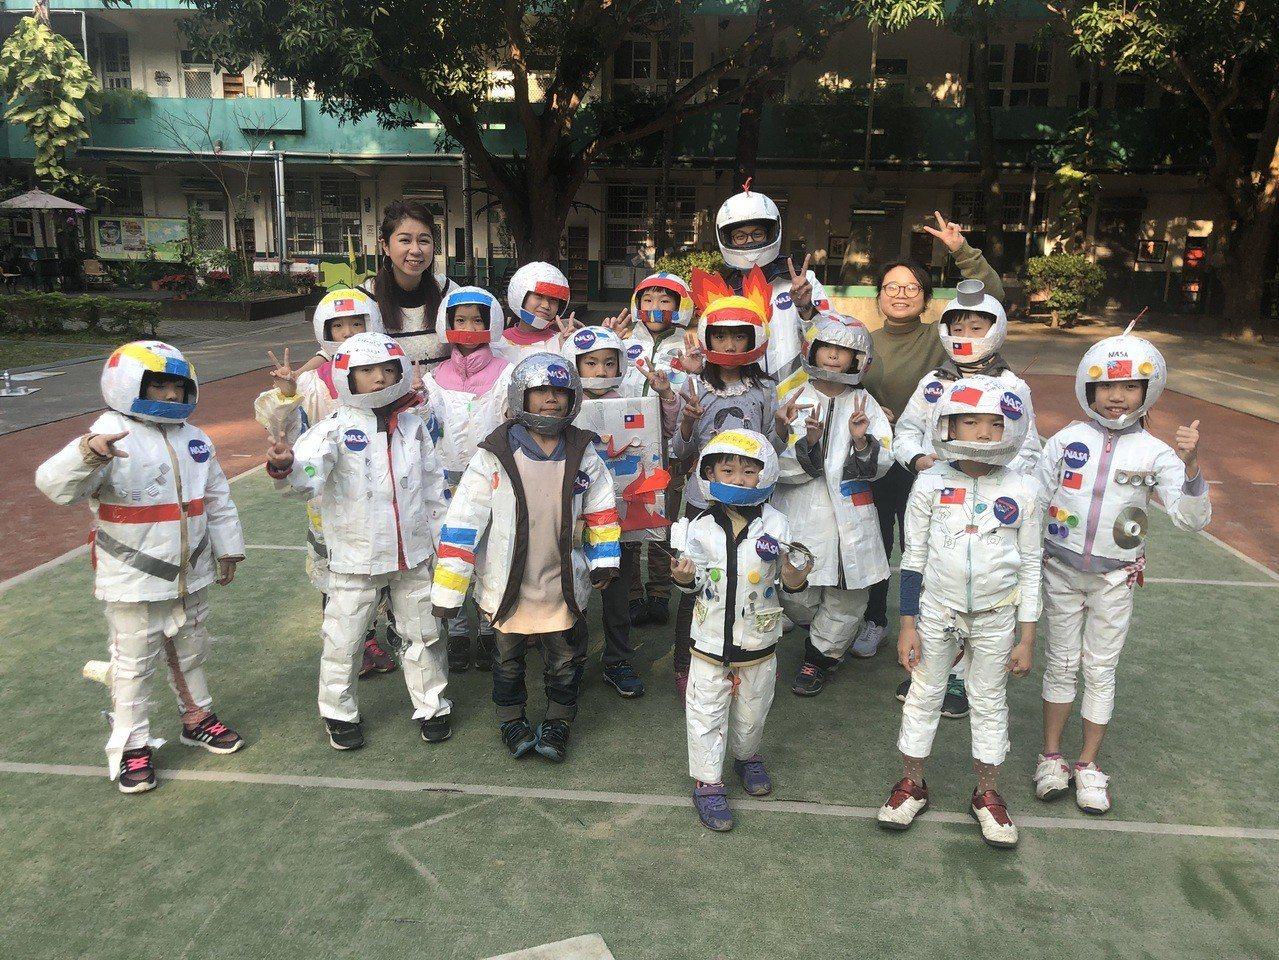 新竹市府今年元宵節延續太空主題,邀請大小朋友一同穿上太空裝上街提燈漫遊護城河,一...